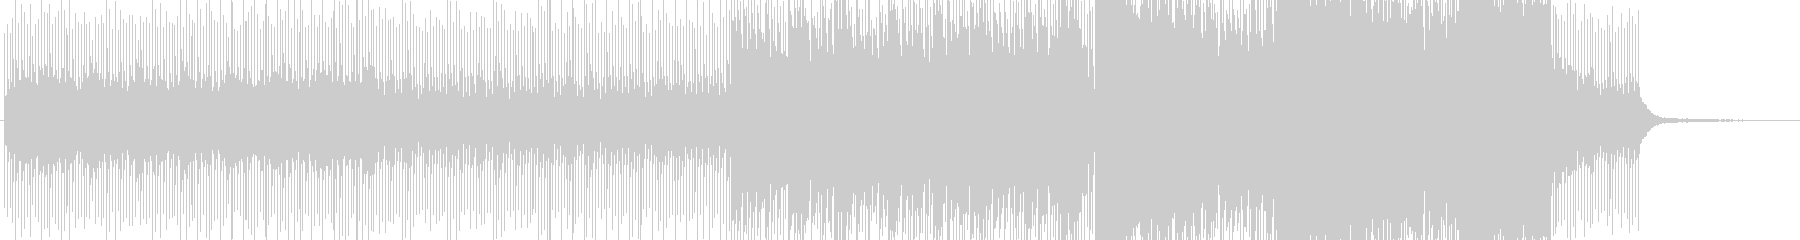 シンキングタイム、ルール説明時のBGMの未再生の波形